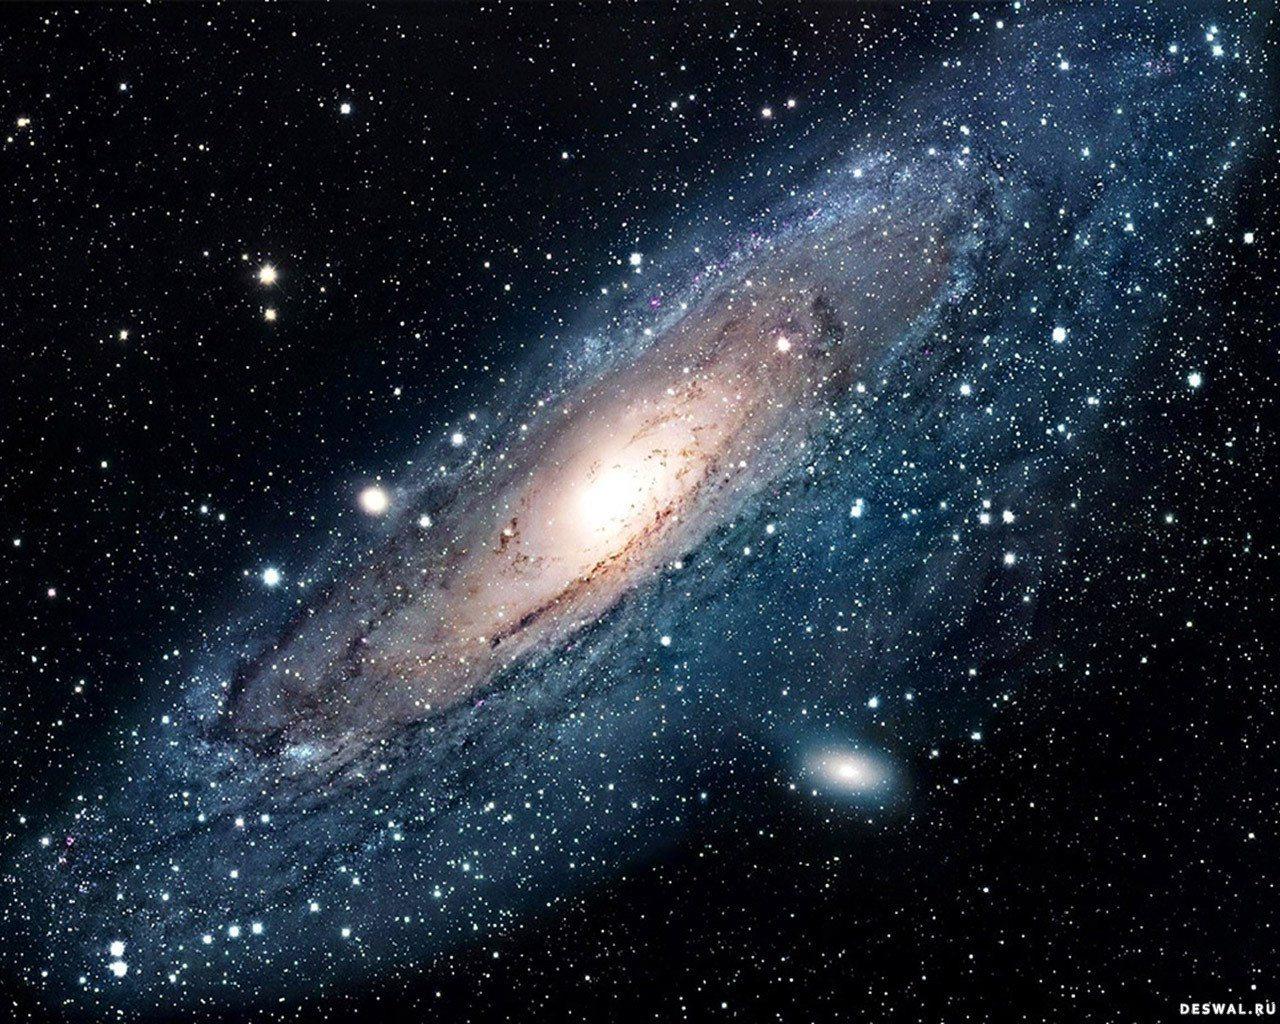 Фото 14.. Нажмите на картинку с обоями космоса, чтобы просмотреть ее в реальном размере